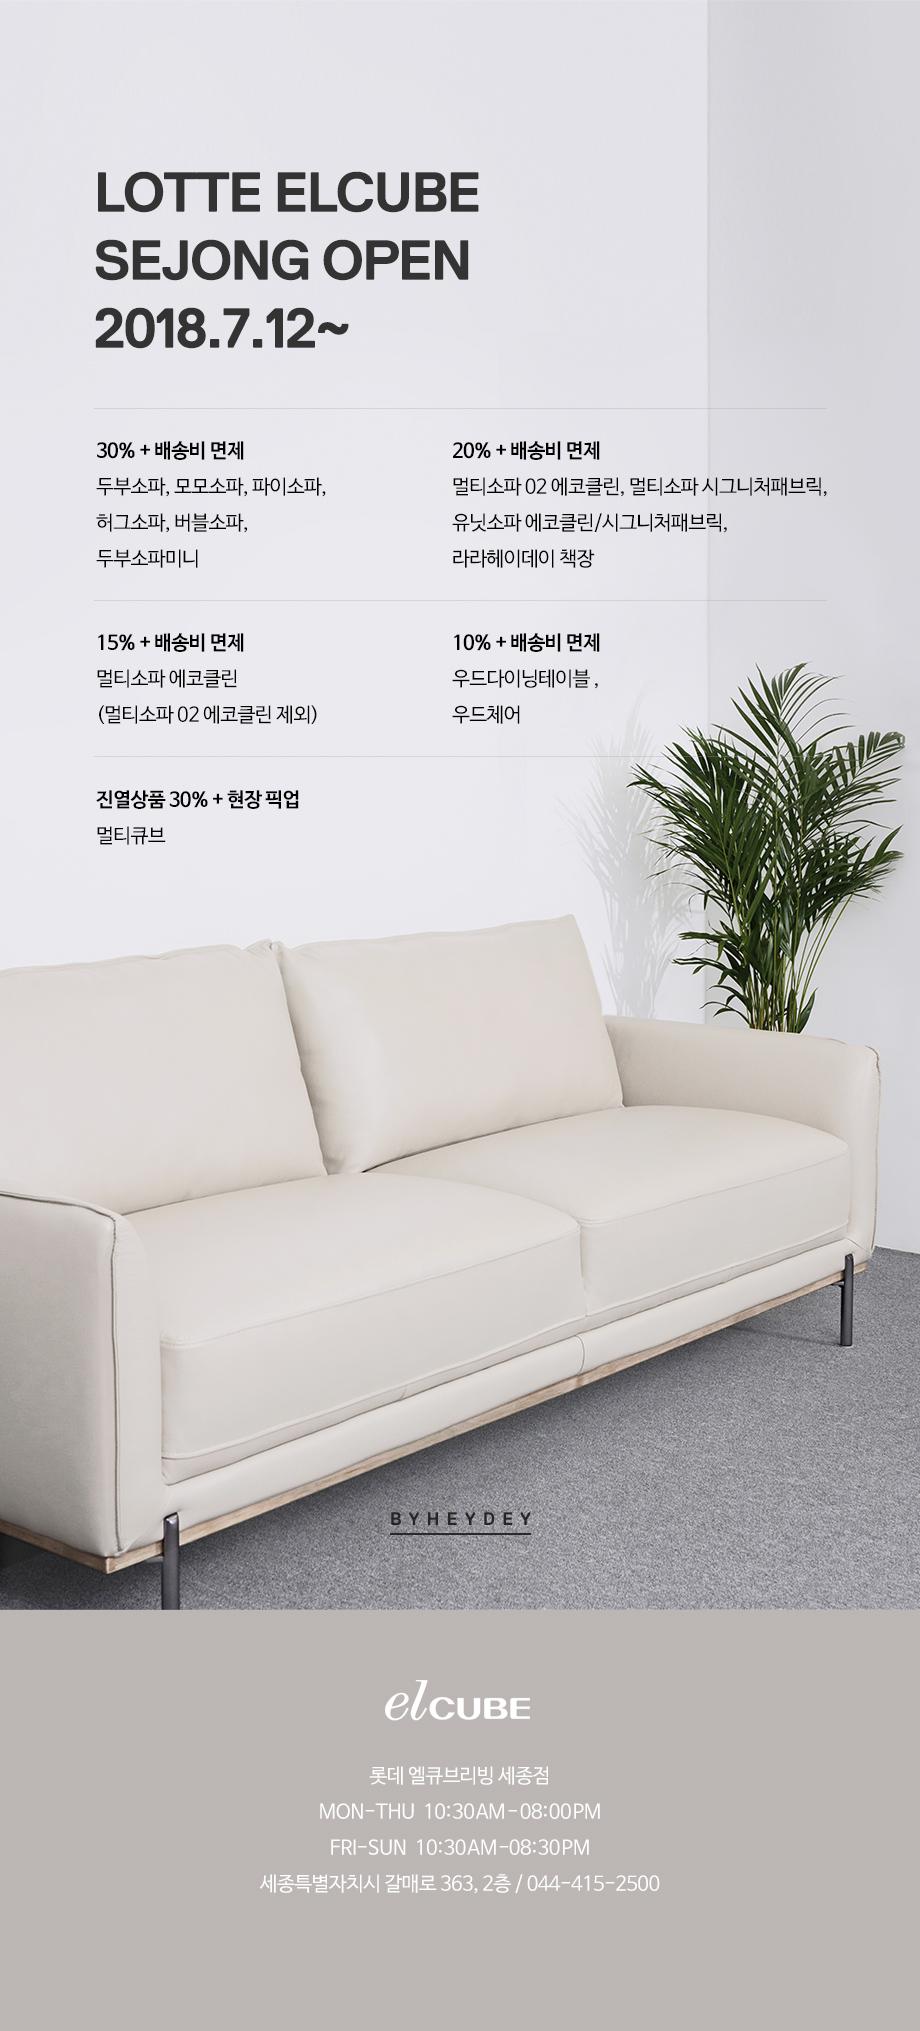 롯데 프리미엄 아울렛 광명점 팝업 스토어 오픈 2018.6.25 - 2018.9.16